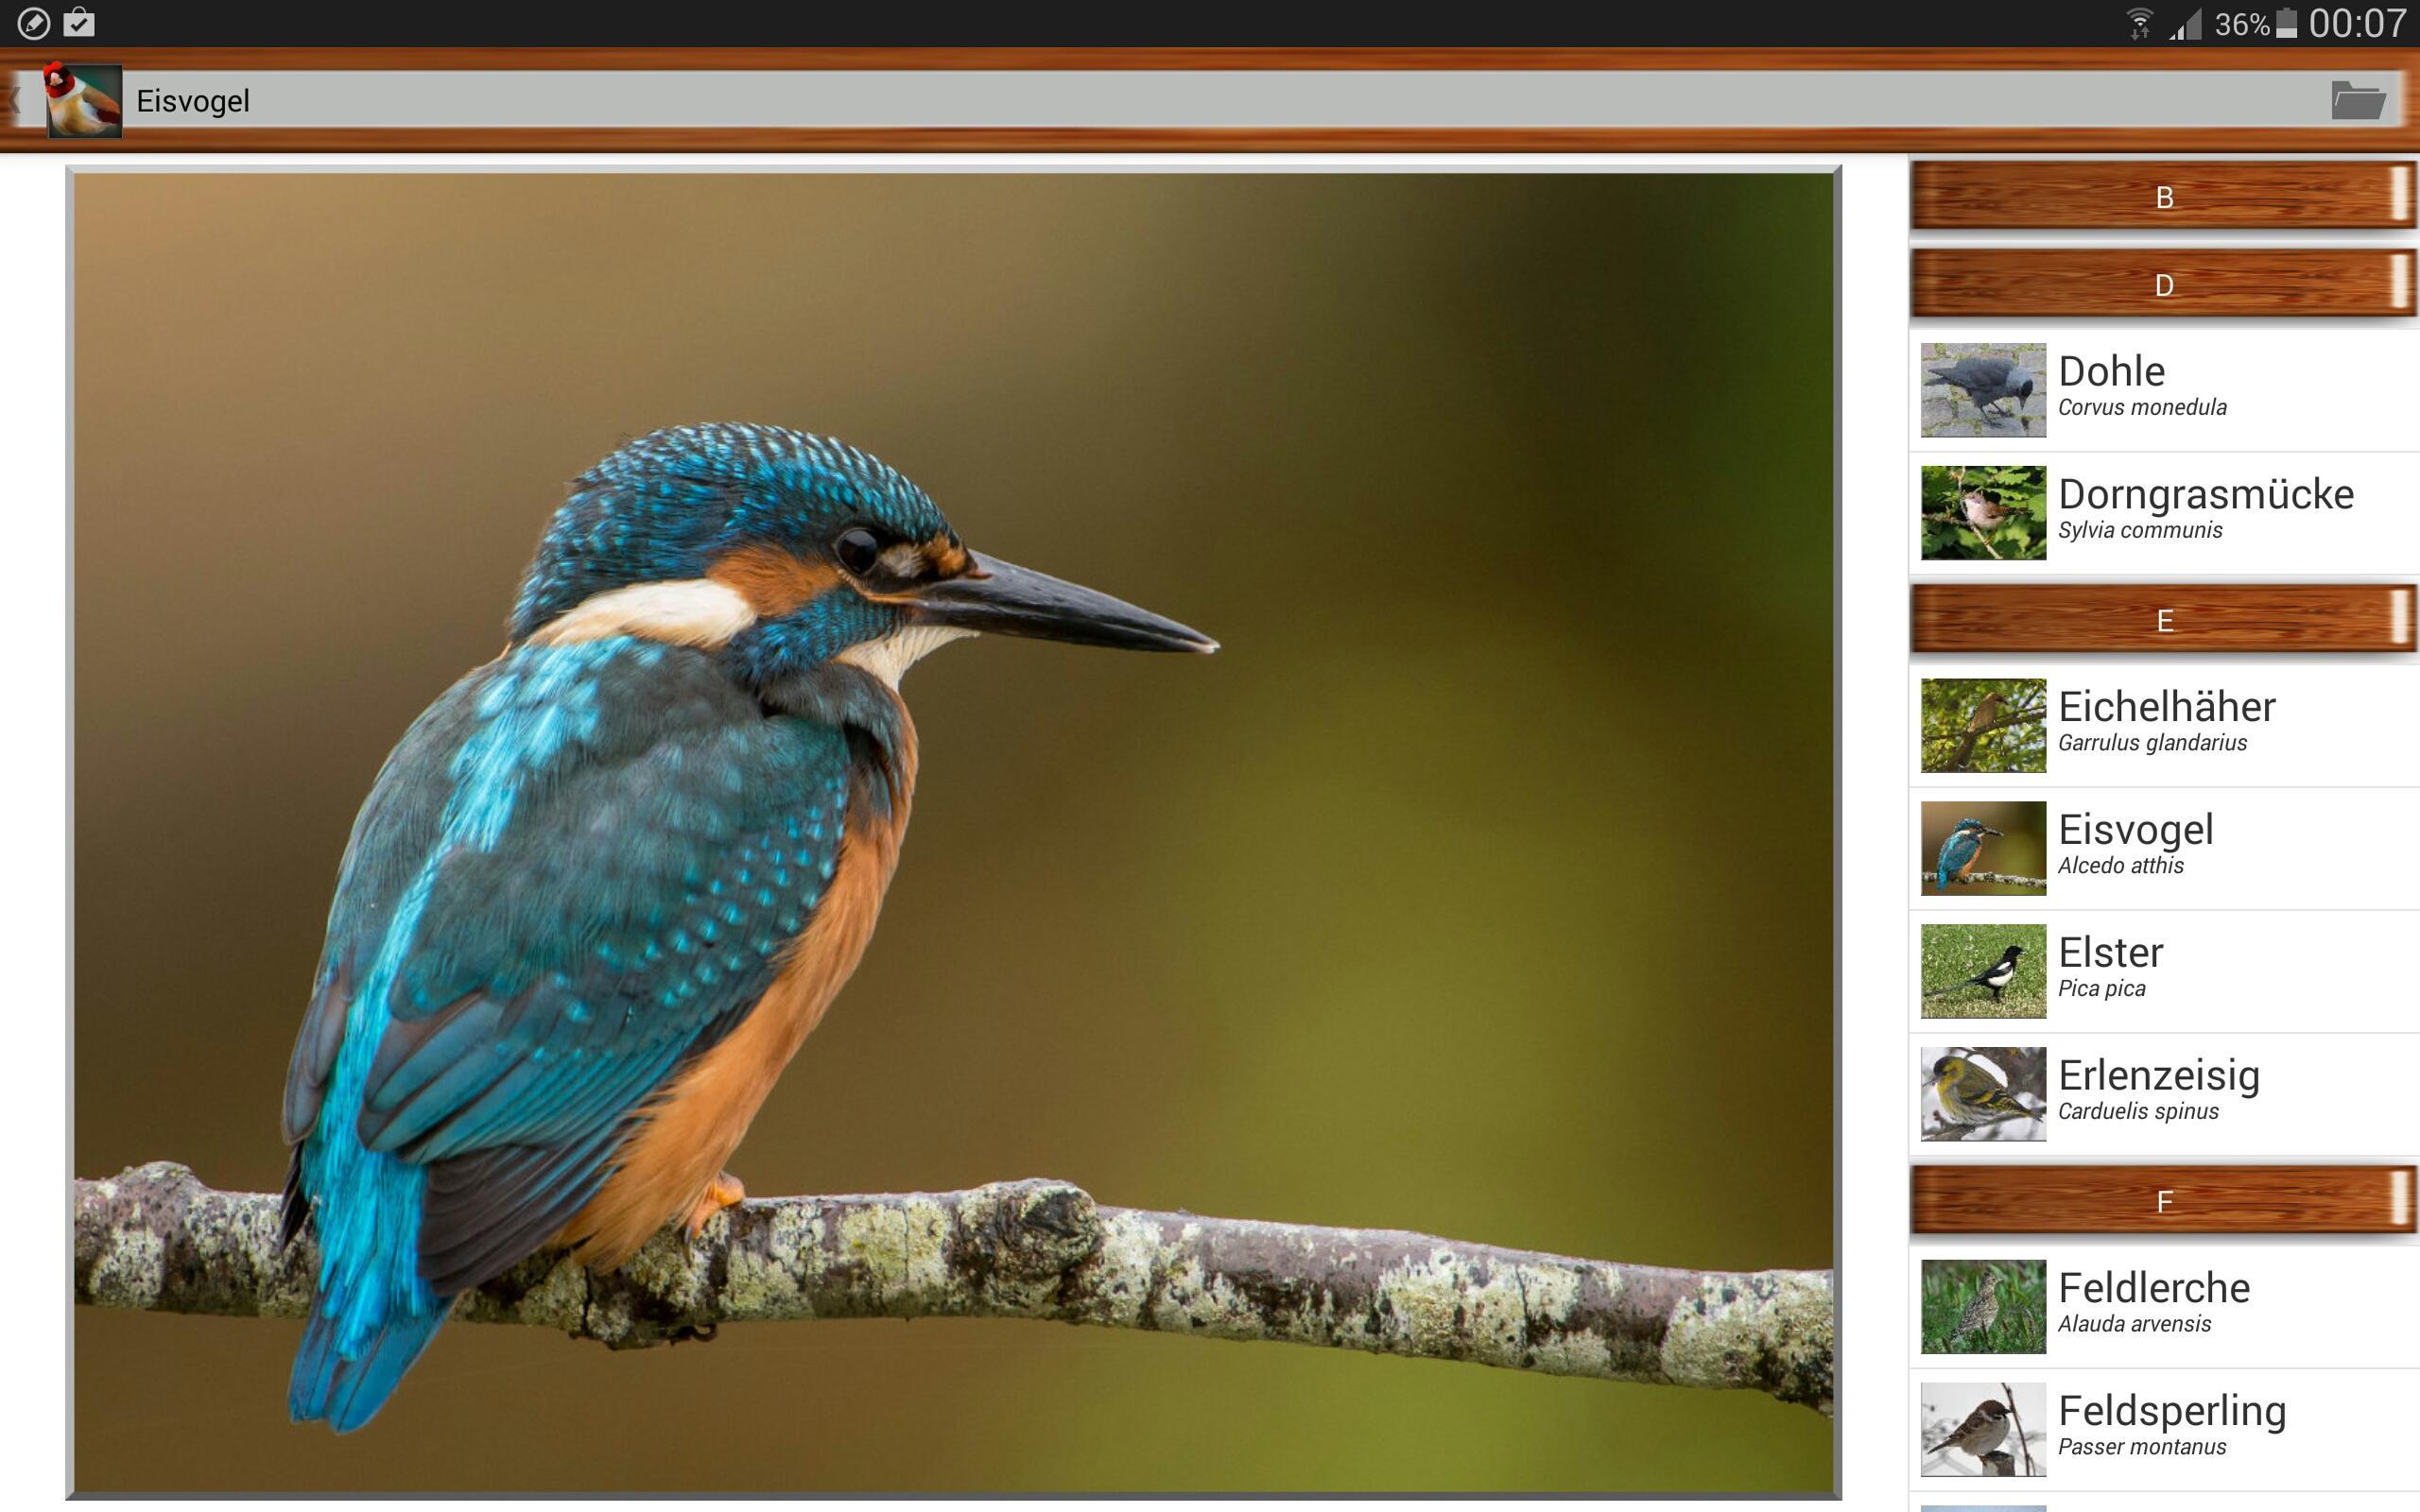 Quiz Sur Les Oiseaux Gratuit Pour Android - Téléchargez L'apk tout Images D Oiseaux Gratuites